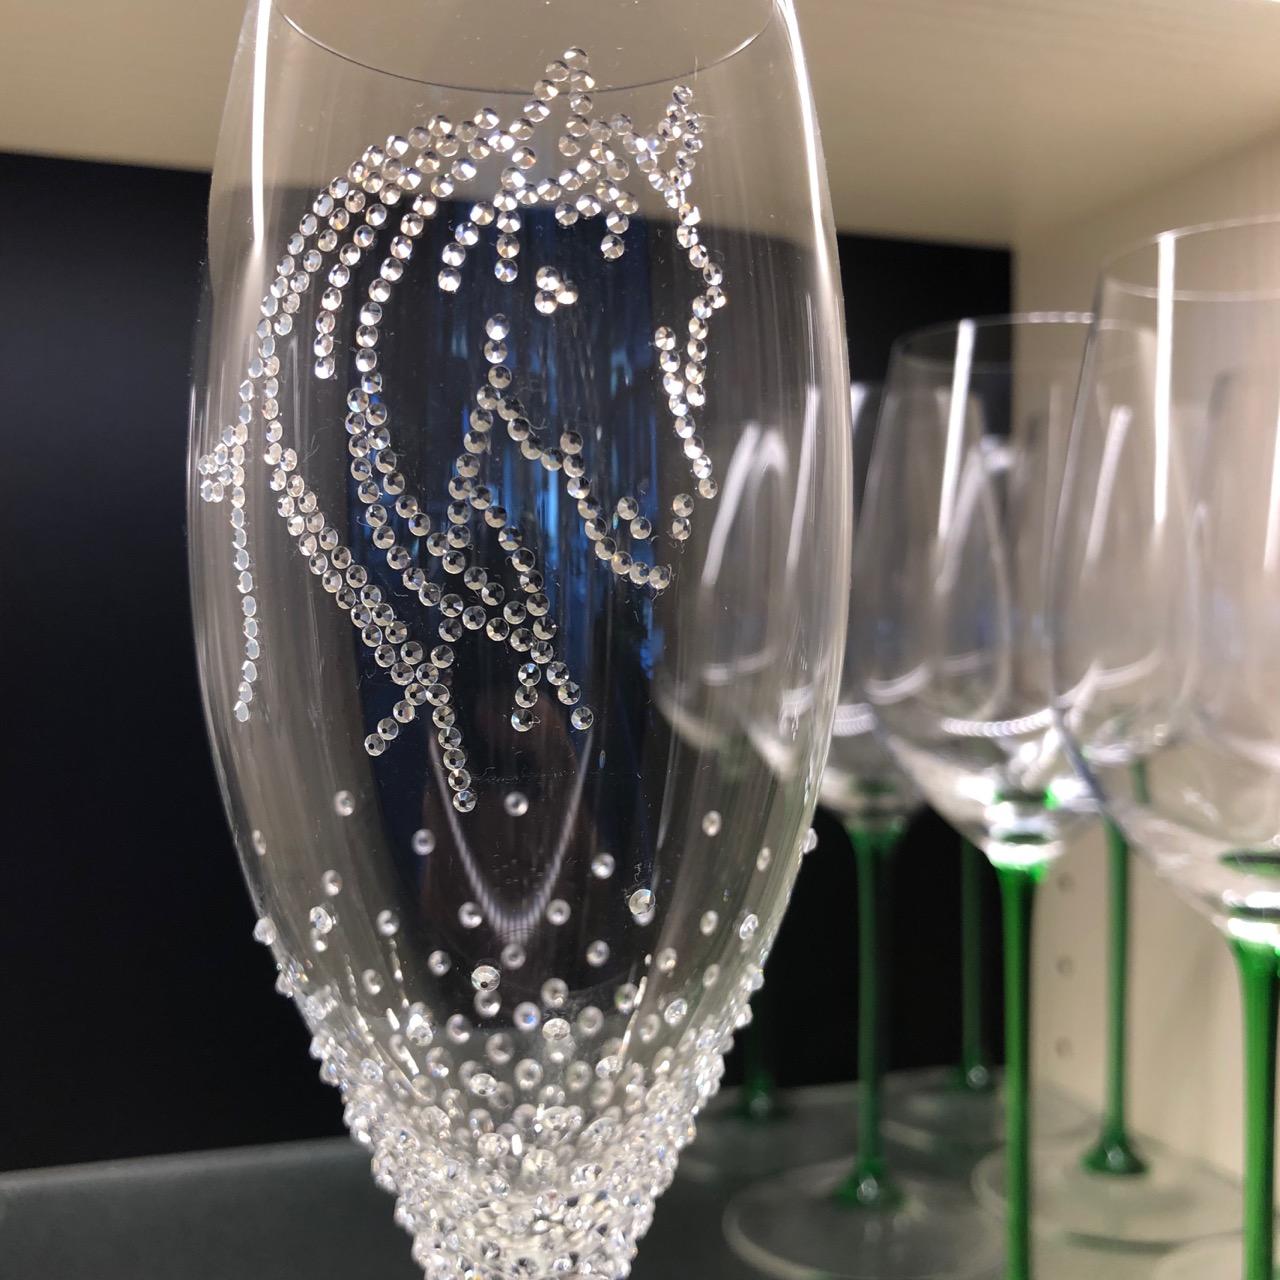 Merandi / Riedel Champagnerglas mit 319 Swarovski-Kristallen / Riedel Sommeliers-Serie